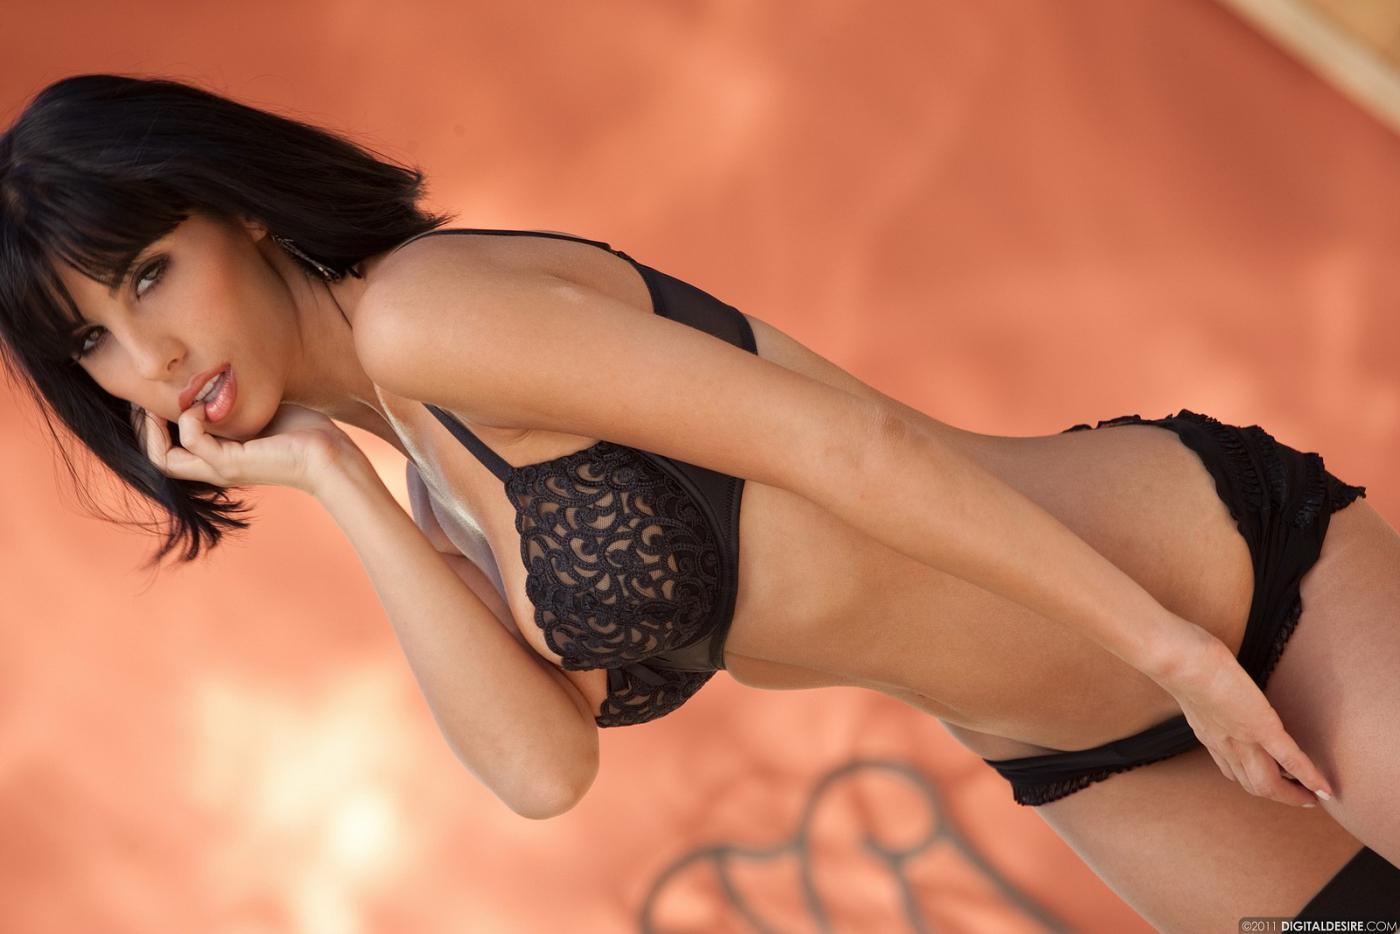 Похотливая сисястая модель с темными волосами Jaime Hammer спрятала ноги в полосатых гольфах